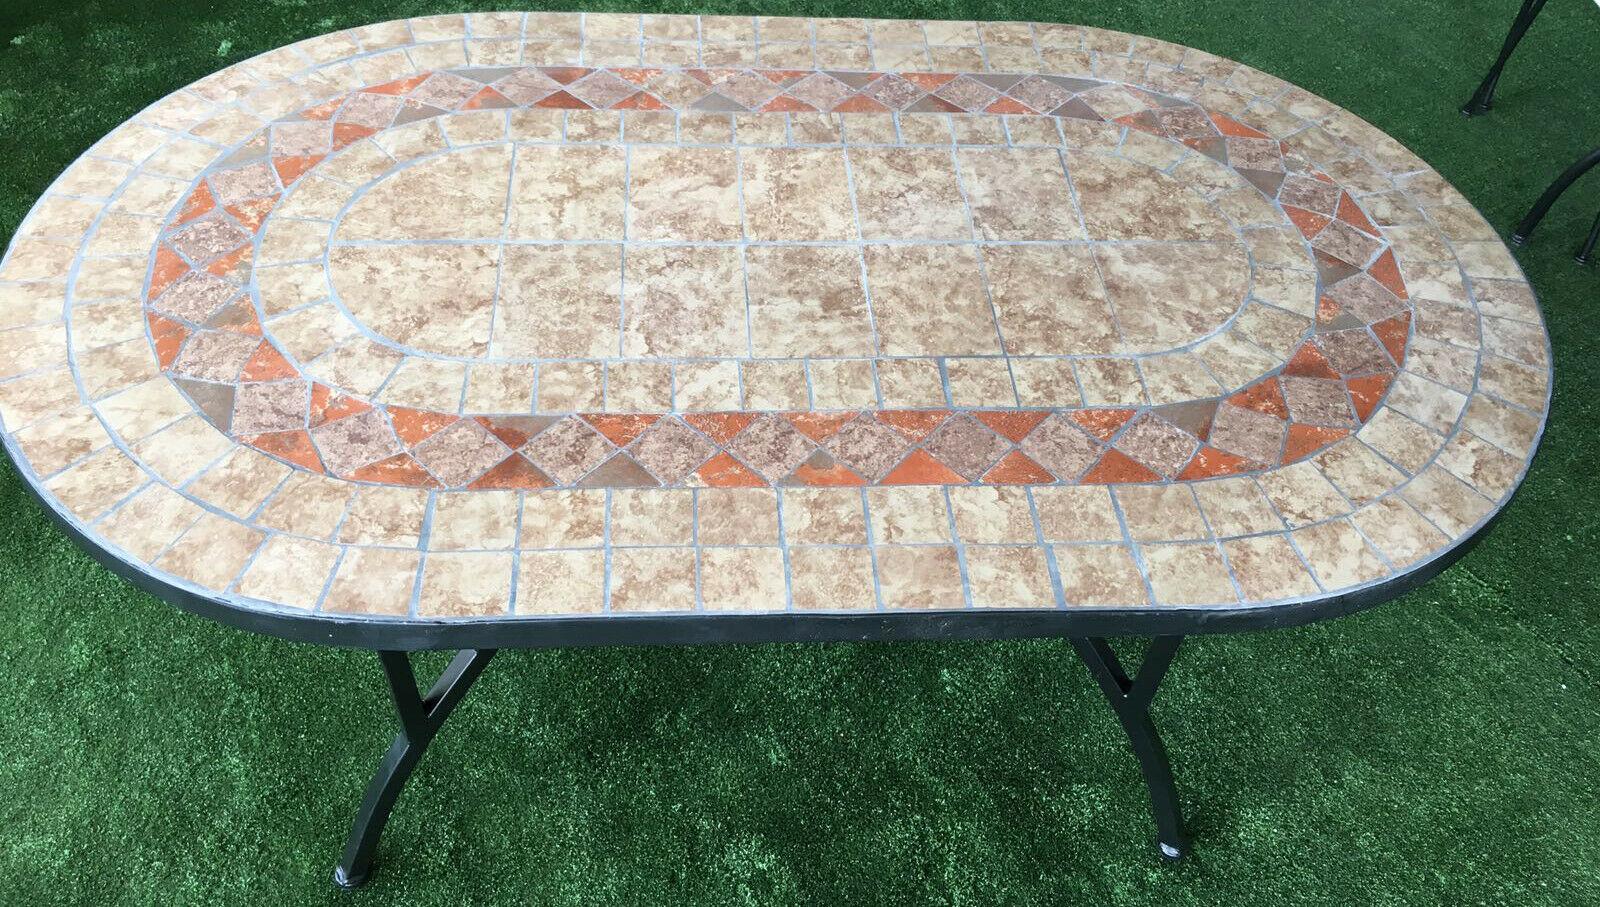 Tavoli Da Esterno In Mosaico.Tavolo Da Giardino Ovale Con Mosaico Base In Acciaio Robusto Cm 150x90x745